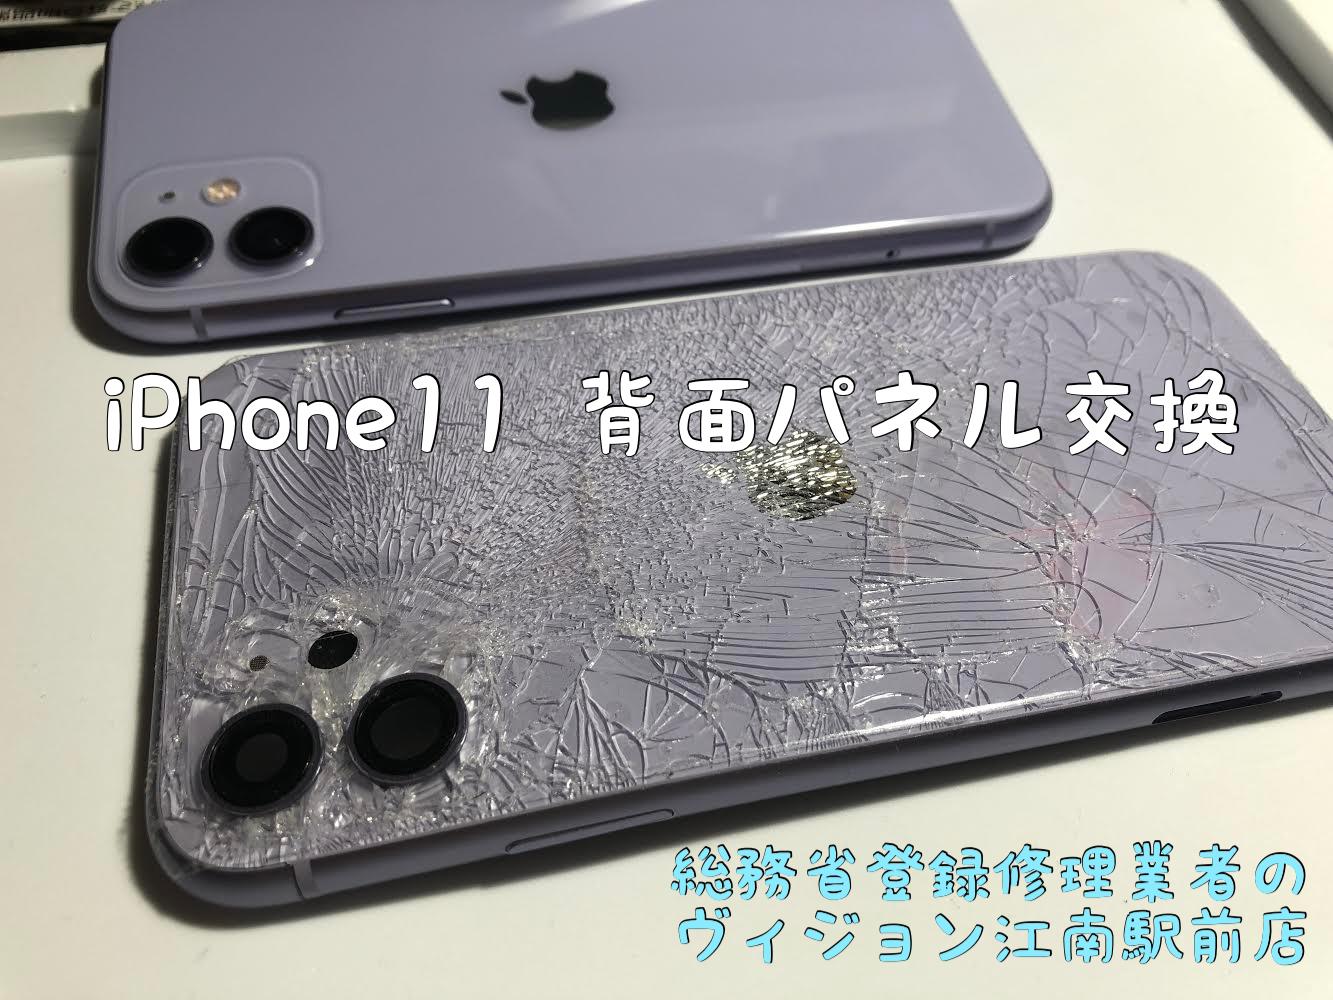 背面パネル修理 iPhone修理 バックパネル割れた iPod修理 iPad修理 江南市 江南 扶桑 大口町 犬山市 安い 格安